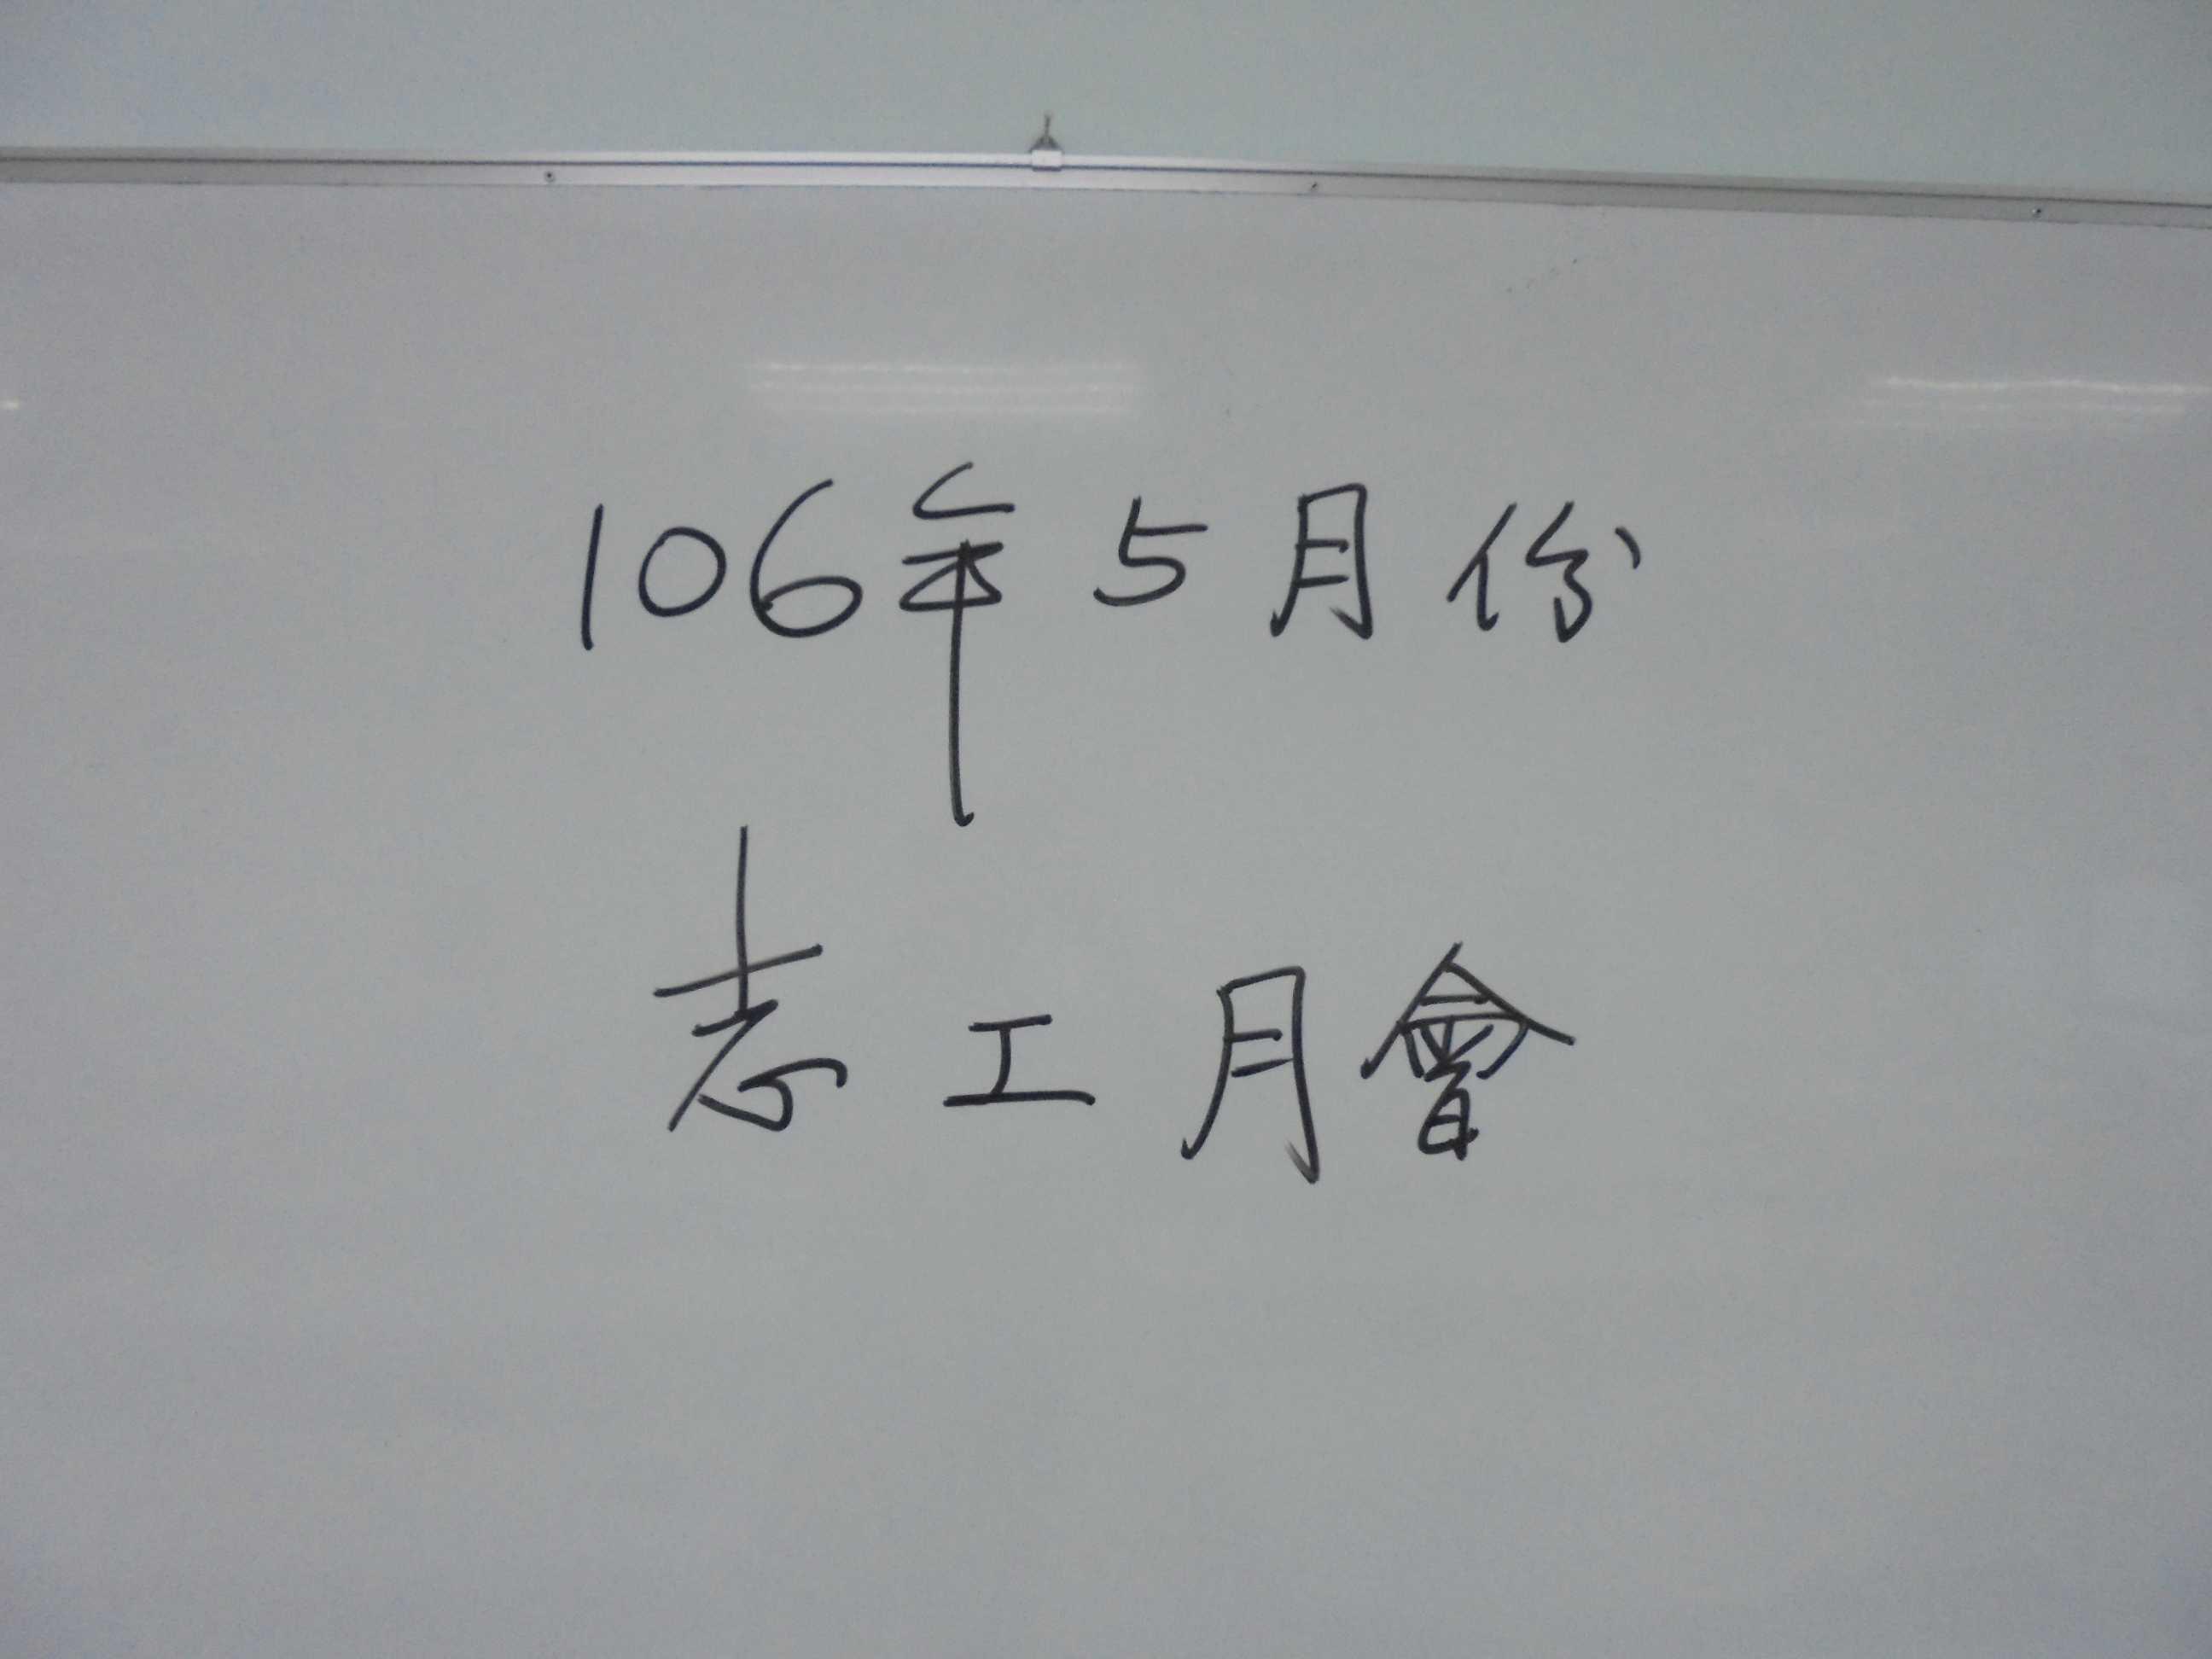 高雄市鳳山老人活動中心106年5月份志工月會